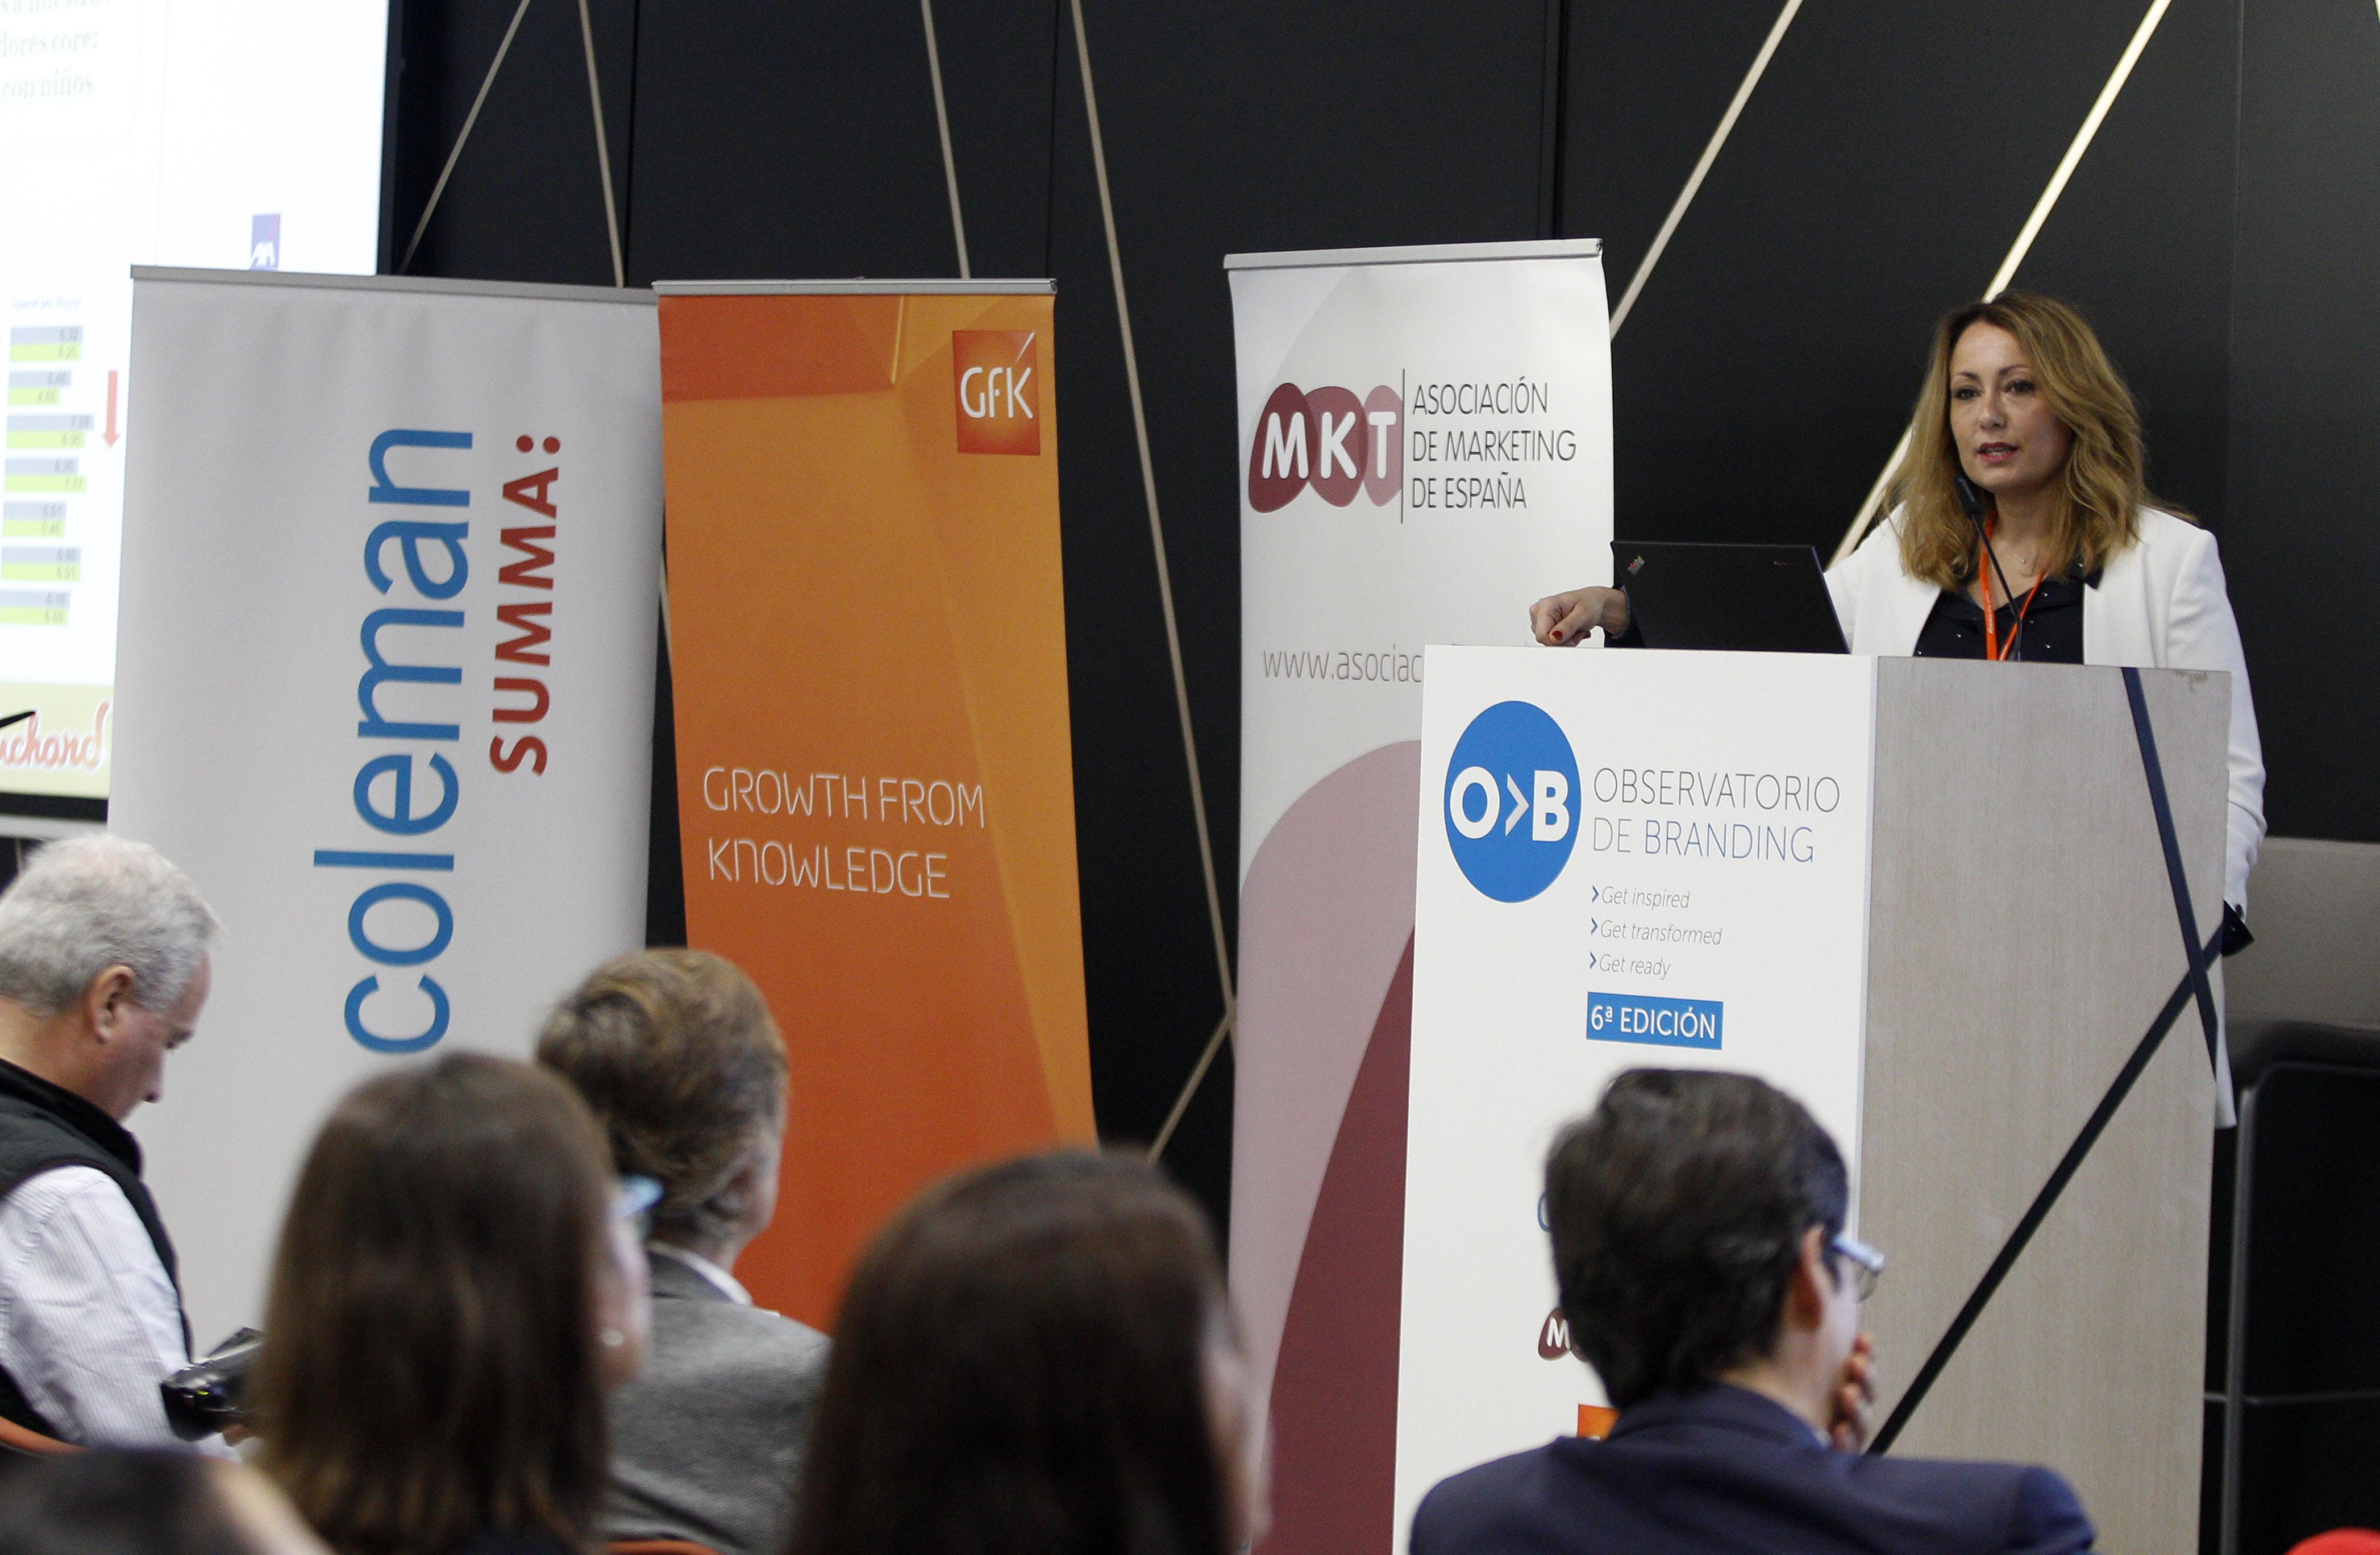 ponencia observatorio del branding 2017 Alejandra Laspiur Mondelez